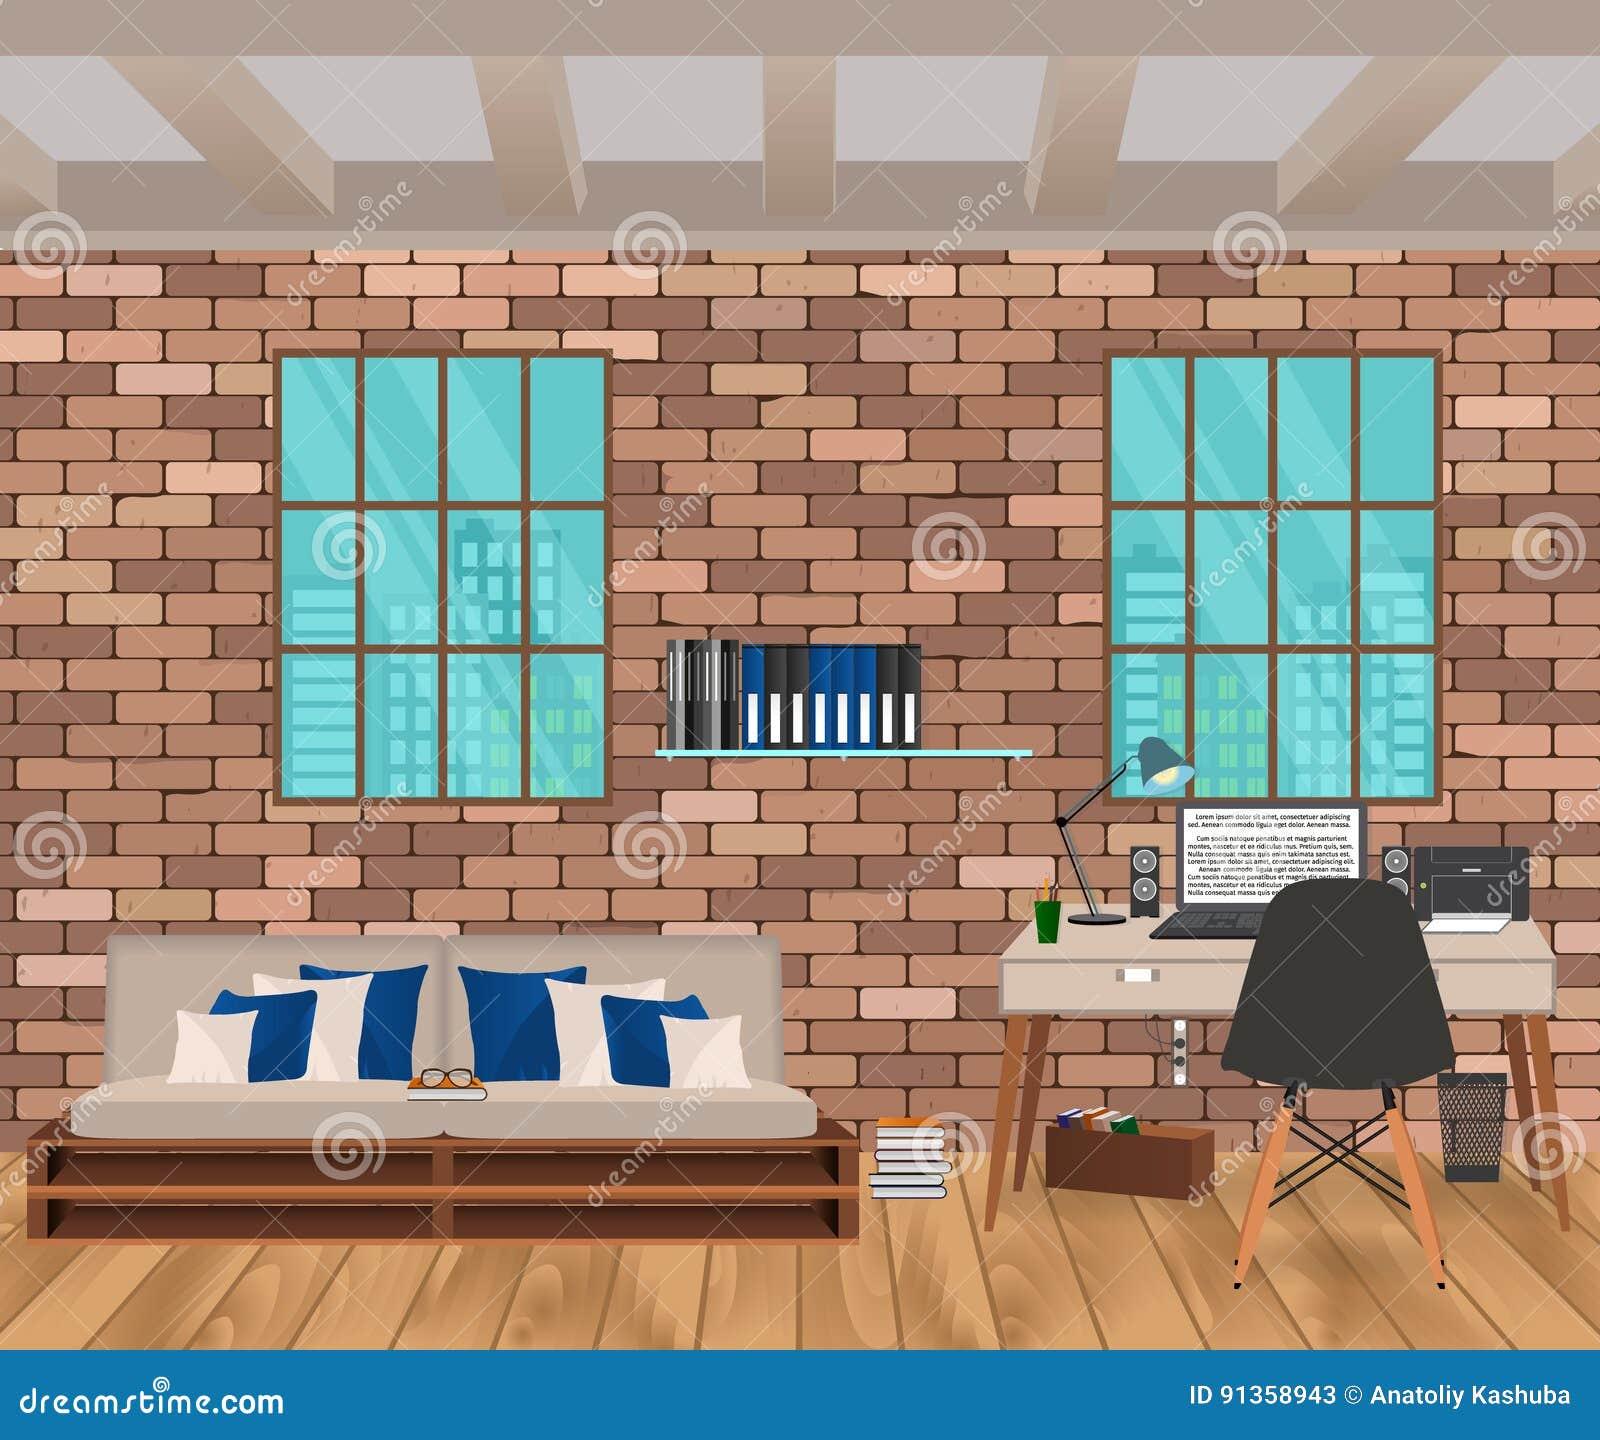 https://thumbs.dreamstime.com/z/int%C3%A9rieur-de-salon-dans-le-style-de-hippie-avec-le-mur-de-briques-le-sofa-le-lieu-de-travail-le-boofshelf-et-les-fen%C3%AAtres-91358943.jpg